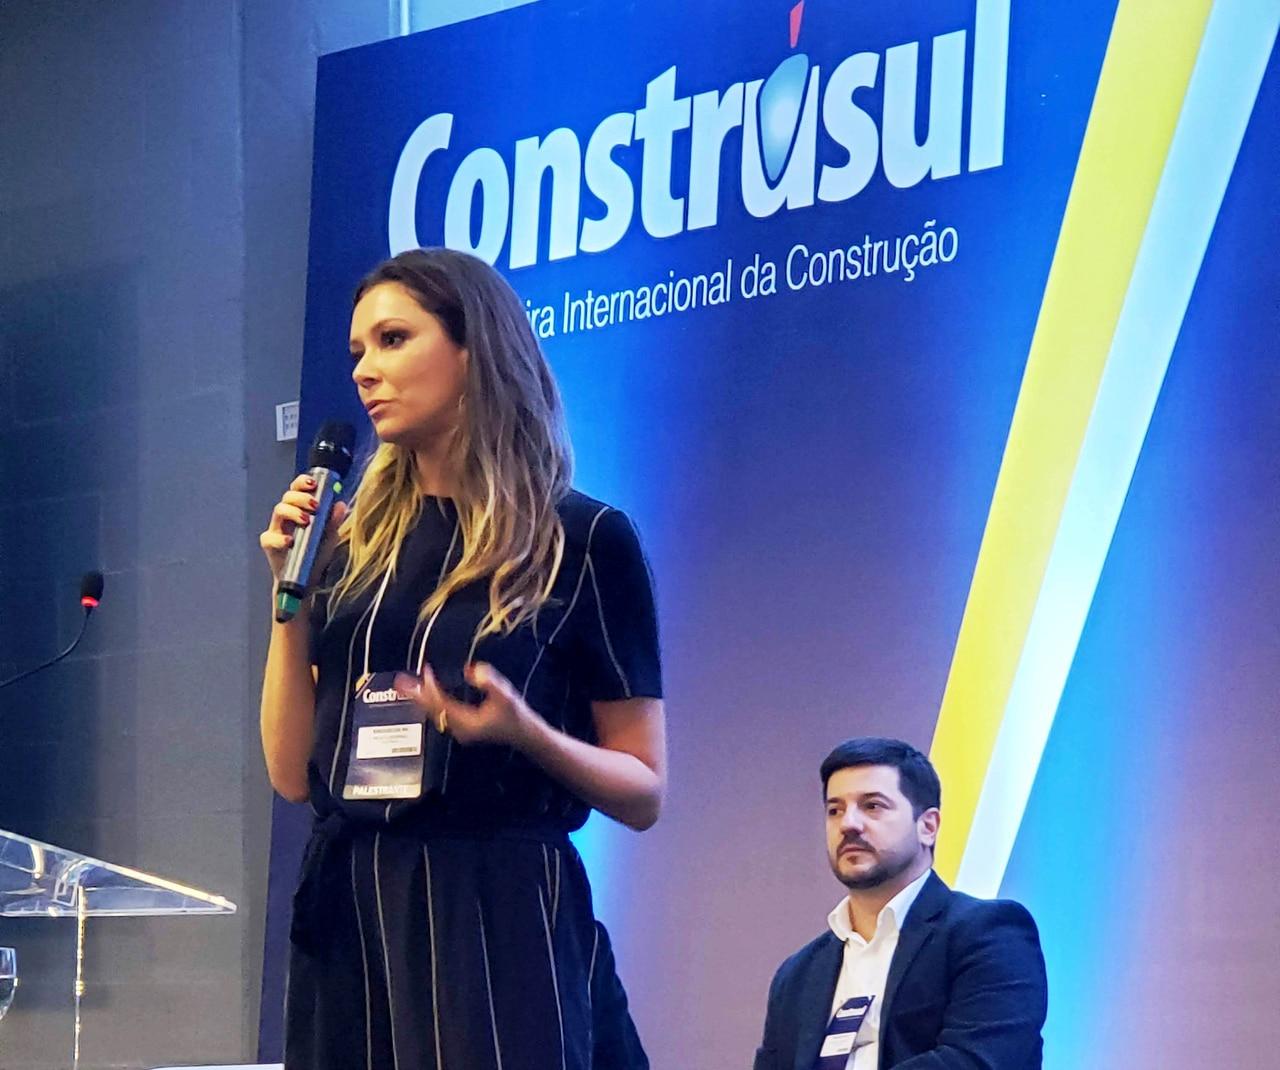 Foto  Renata Broering: realidade aumentada e a inteligência artificial são elementos-chaves para o aumento da produtividade e da qualidade na construção Crédito: Construsul